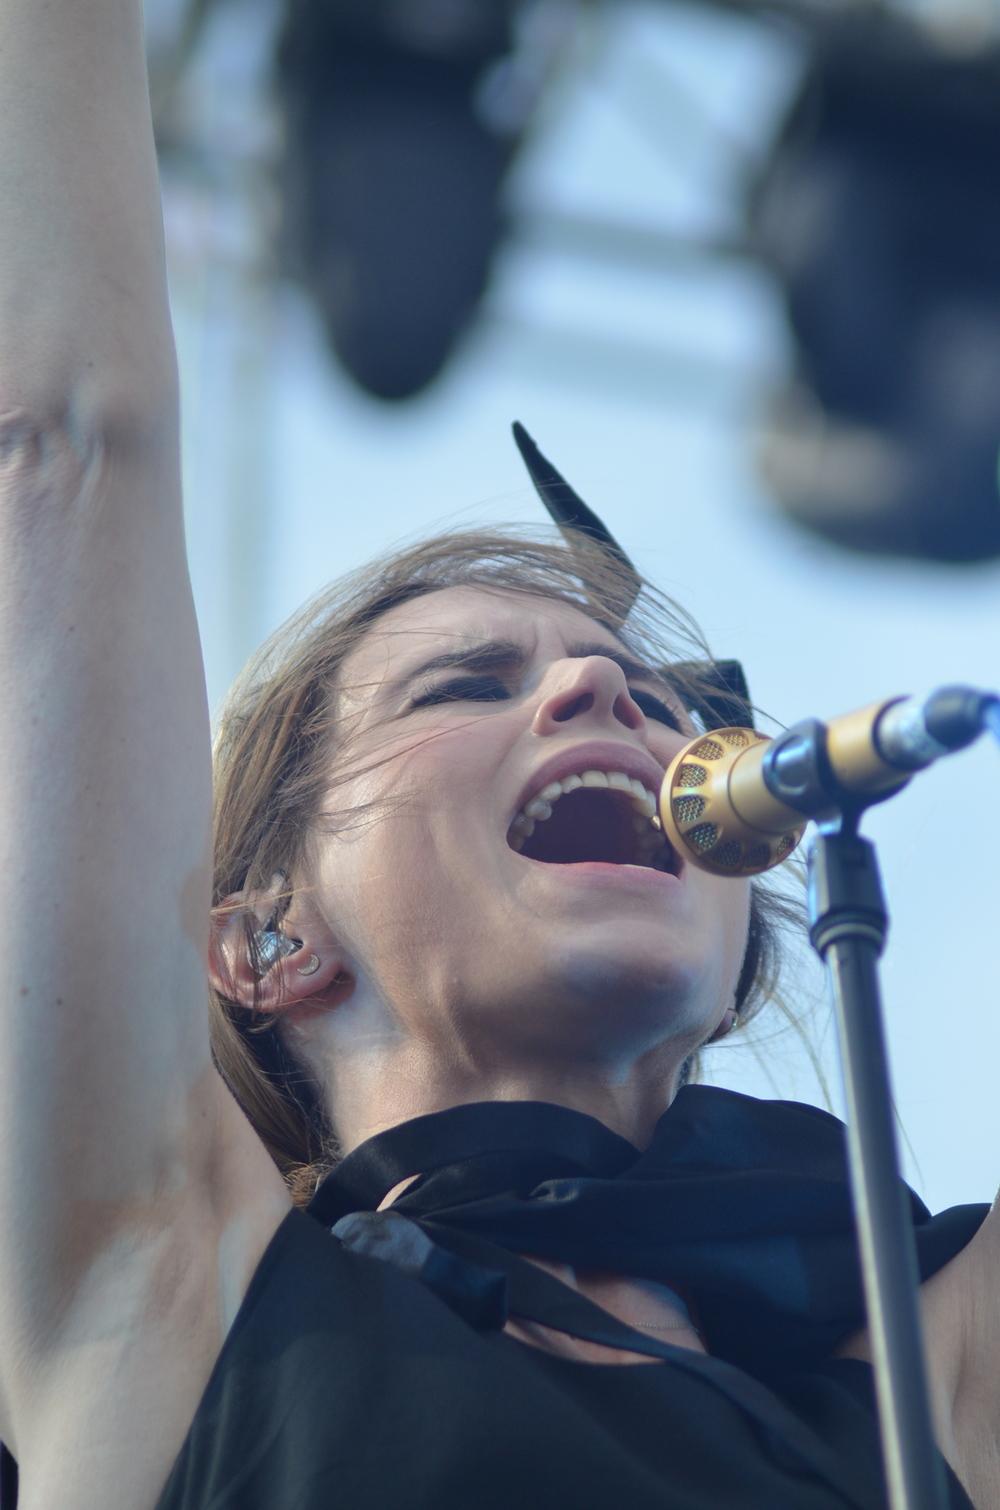 The Cardigans, banda sueca liderada por Nina Persson. Entre sus temas más conocidos, están